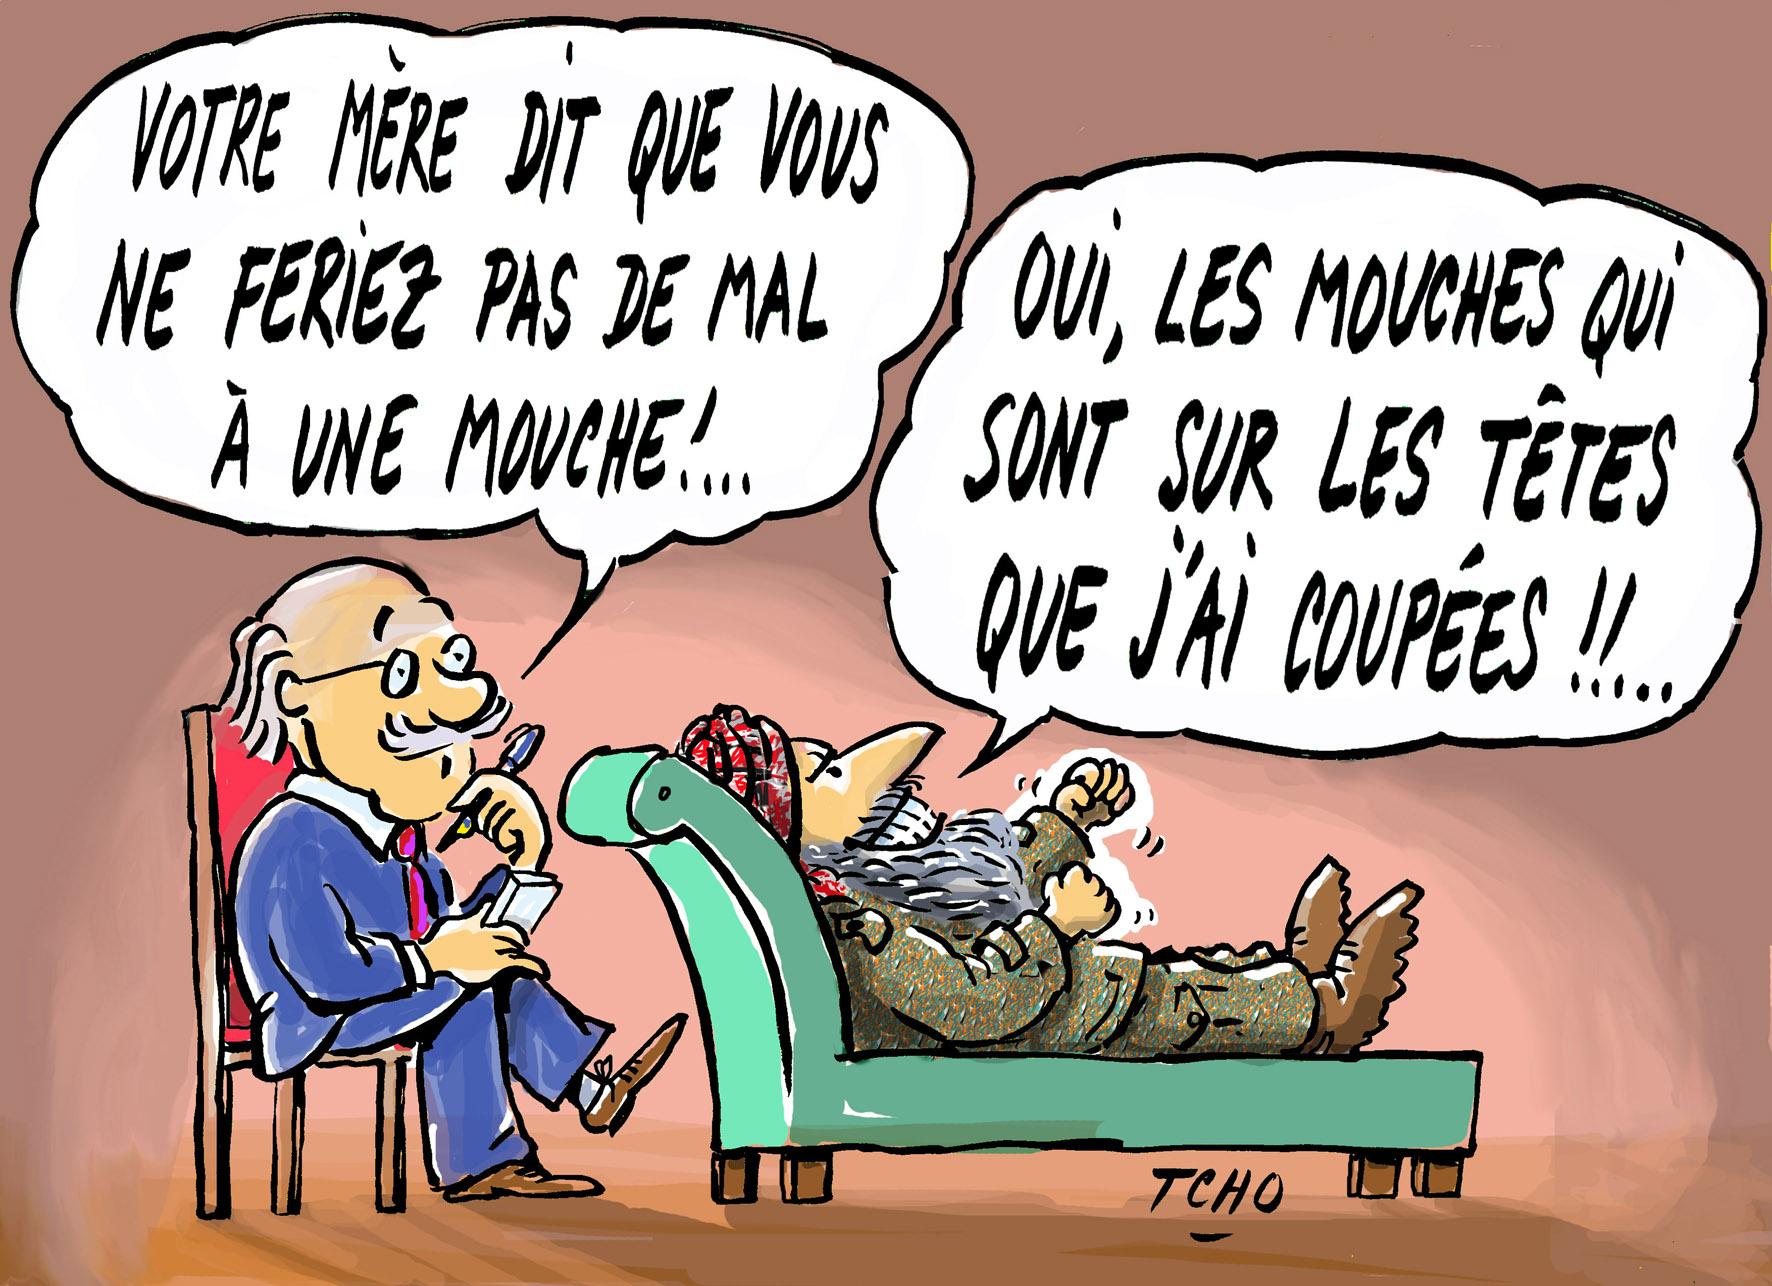 Ils m'insultent, me menacent, me diffament…  ils  prouvent que l'islam est incompatible avec la France